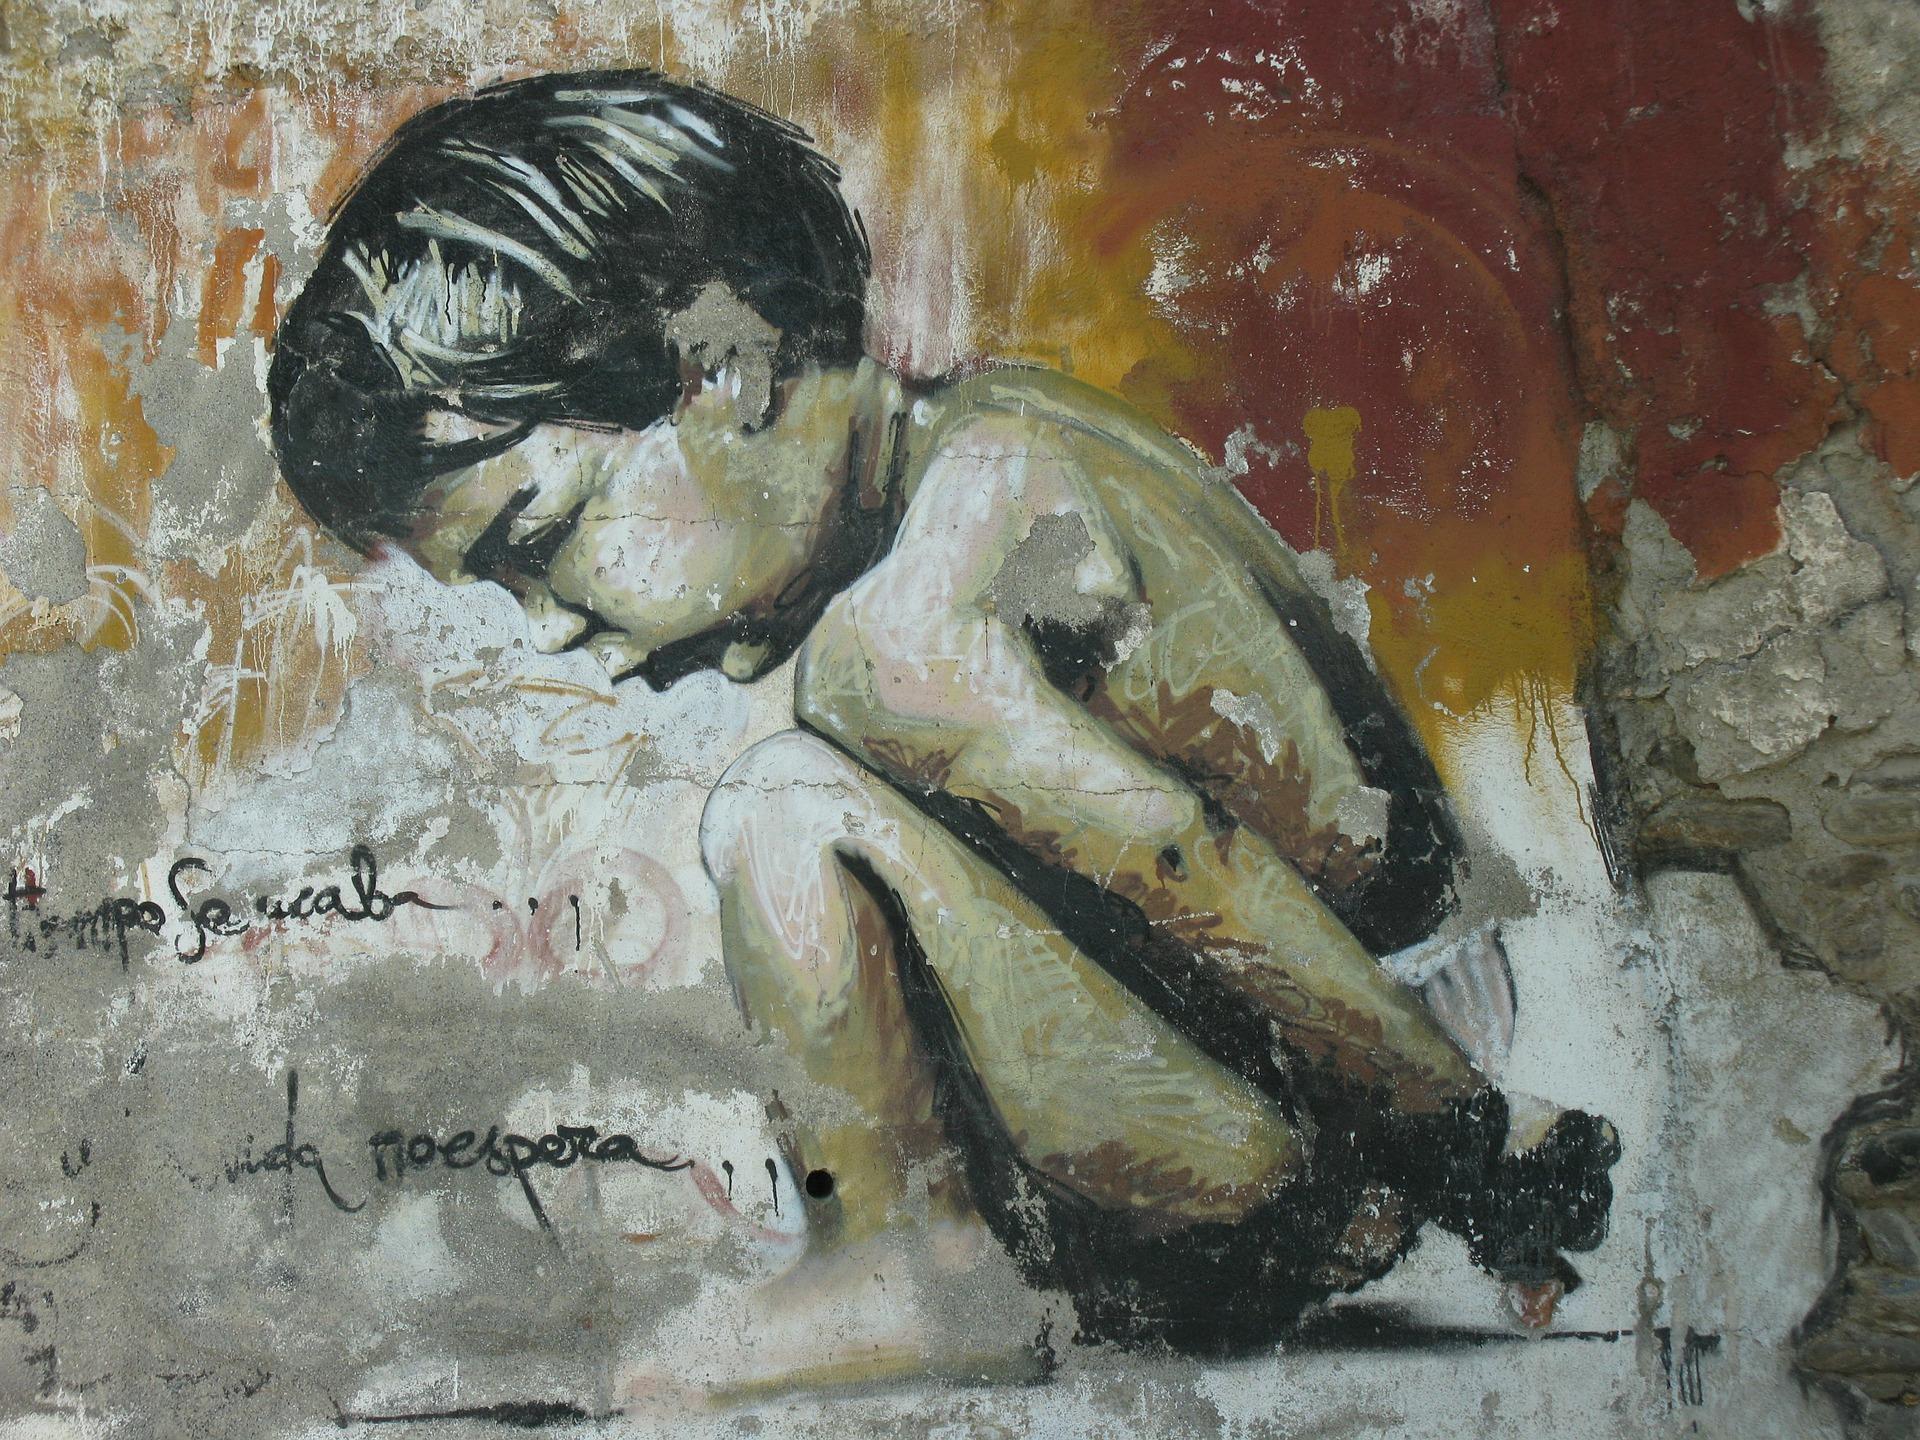 graffiti-8051_1920.jpg